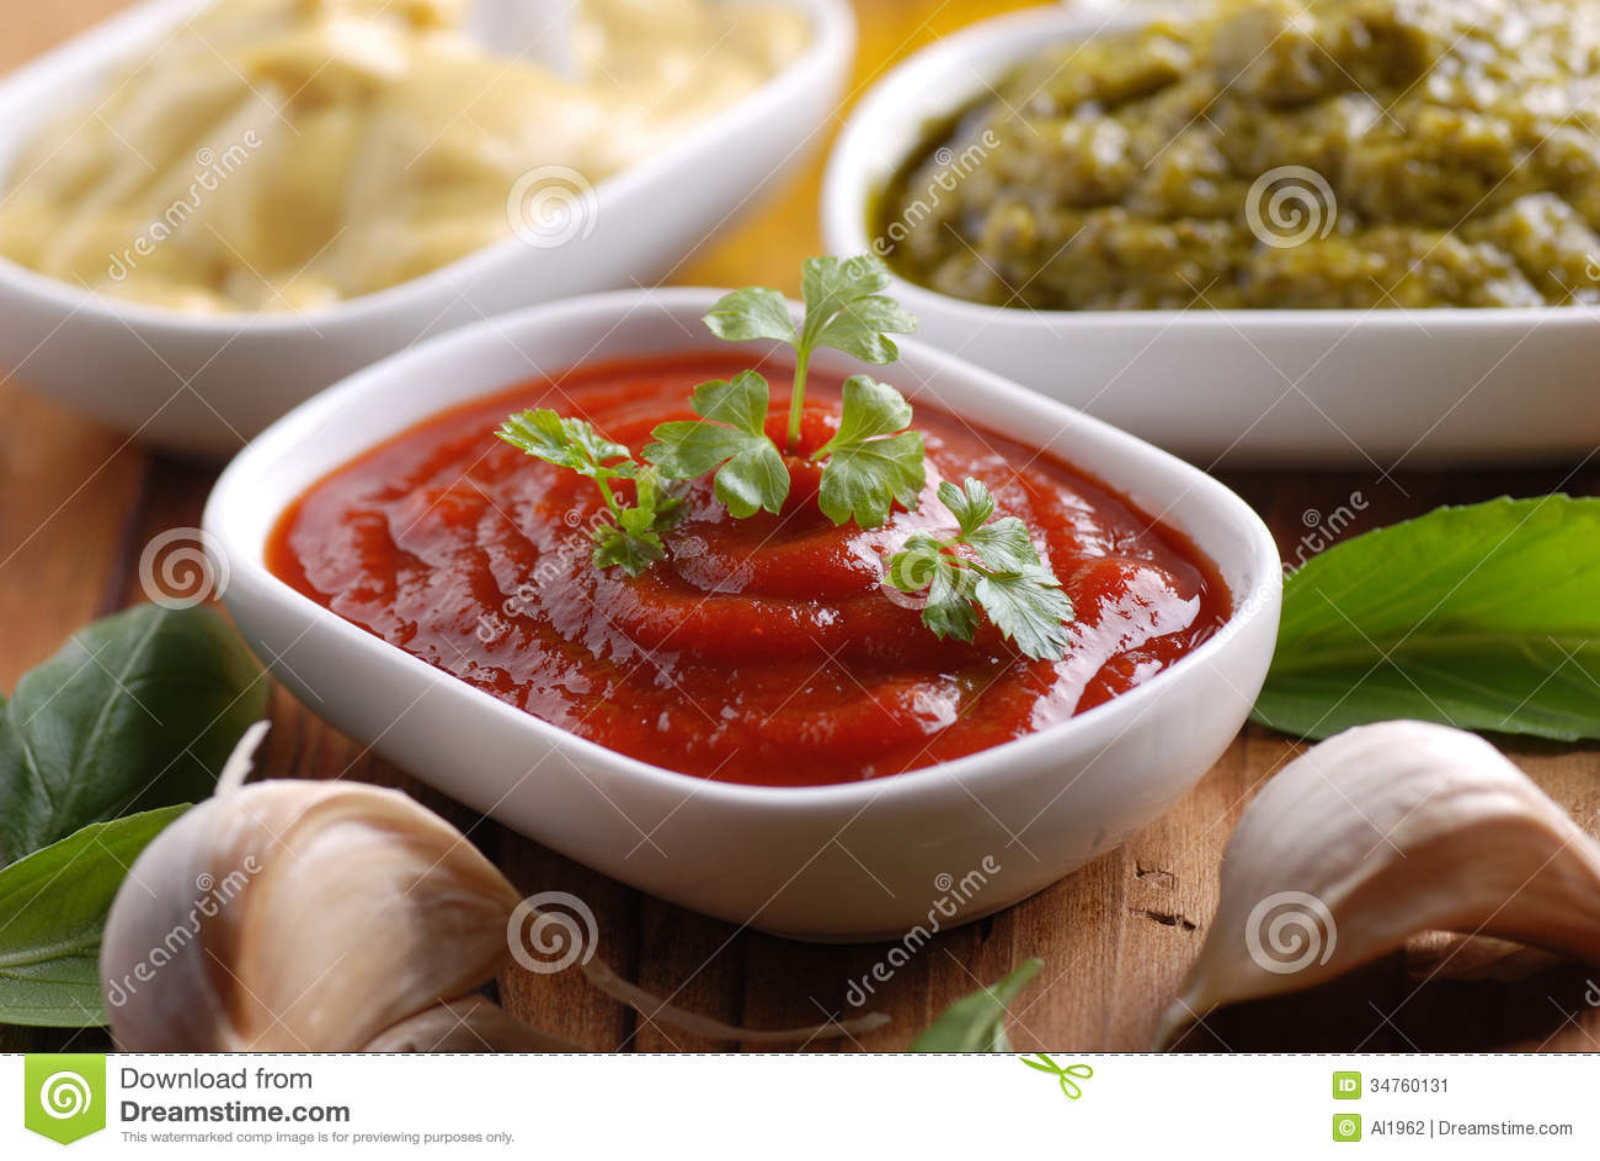 番茄酱和其他调味汁